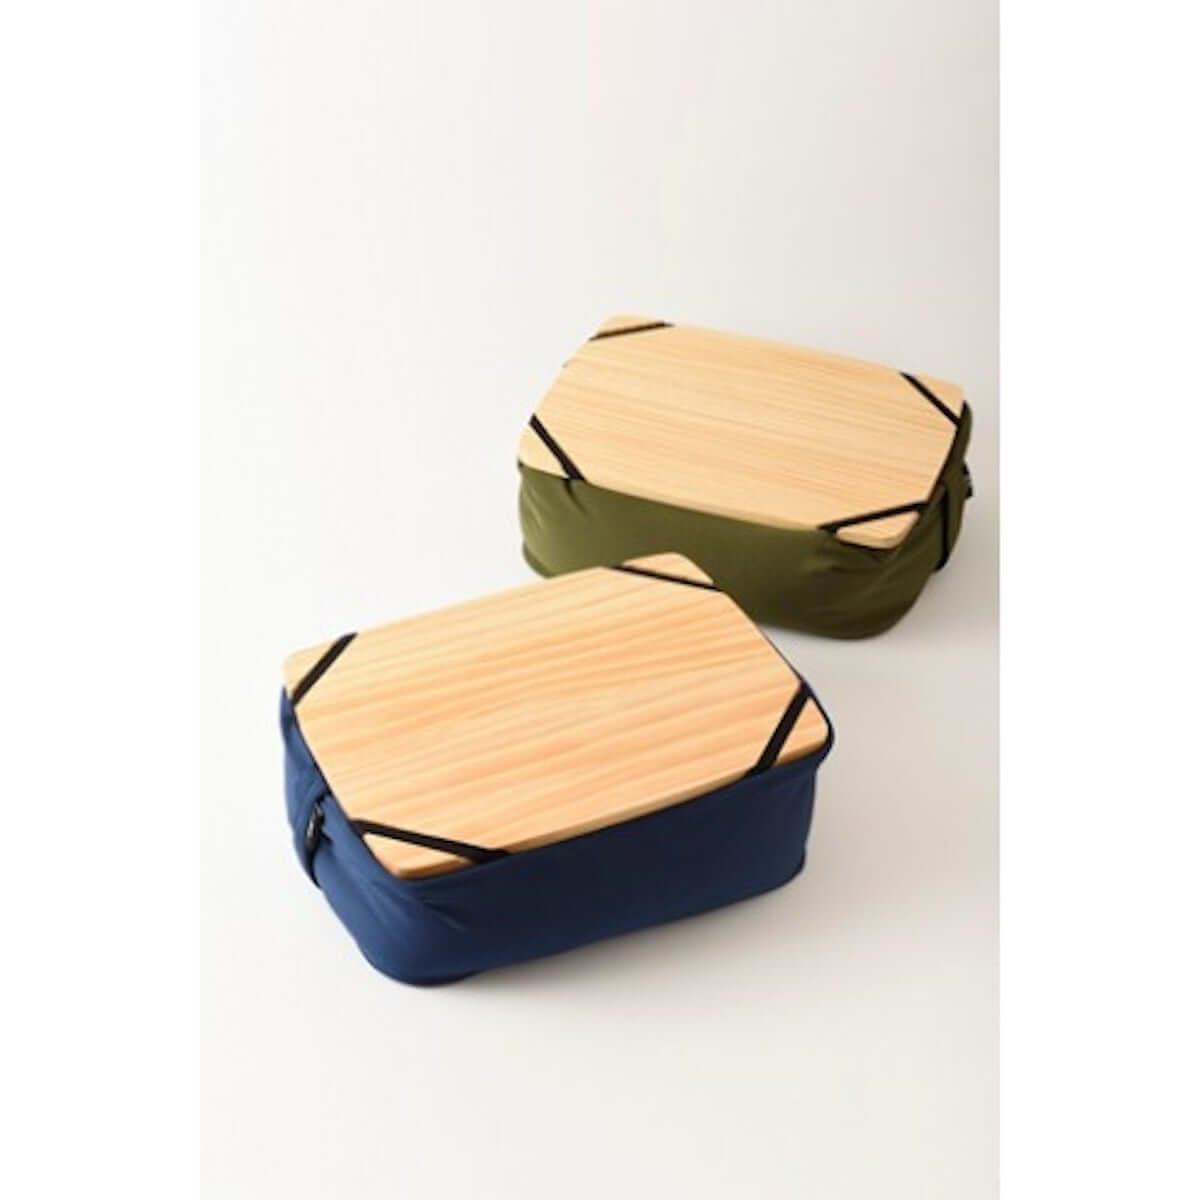 【ズボラ発明】ベッドやソファで活躍する万能携帯クッションテーブルがヴィレヴァンオンラインに登場! life-fashion19018-vvstore-1-1200x1200